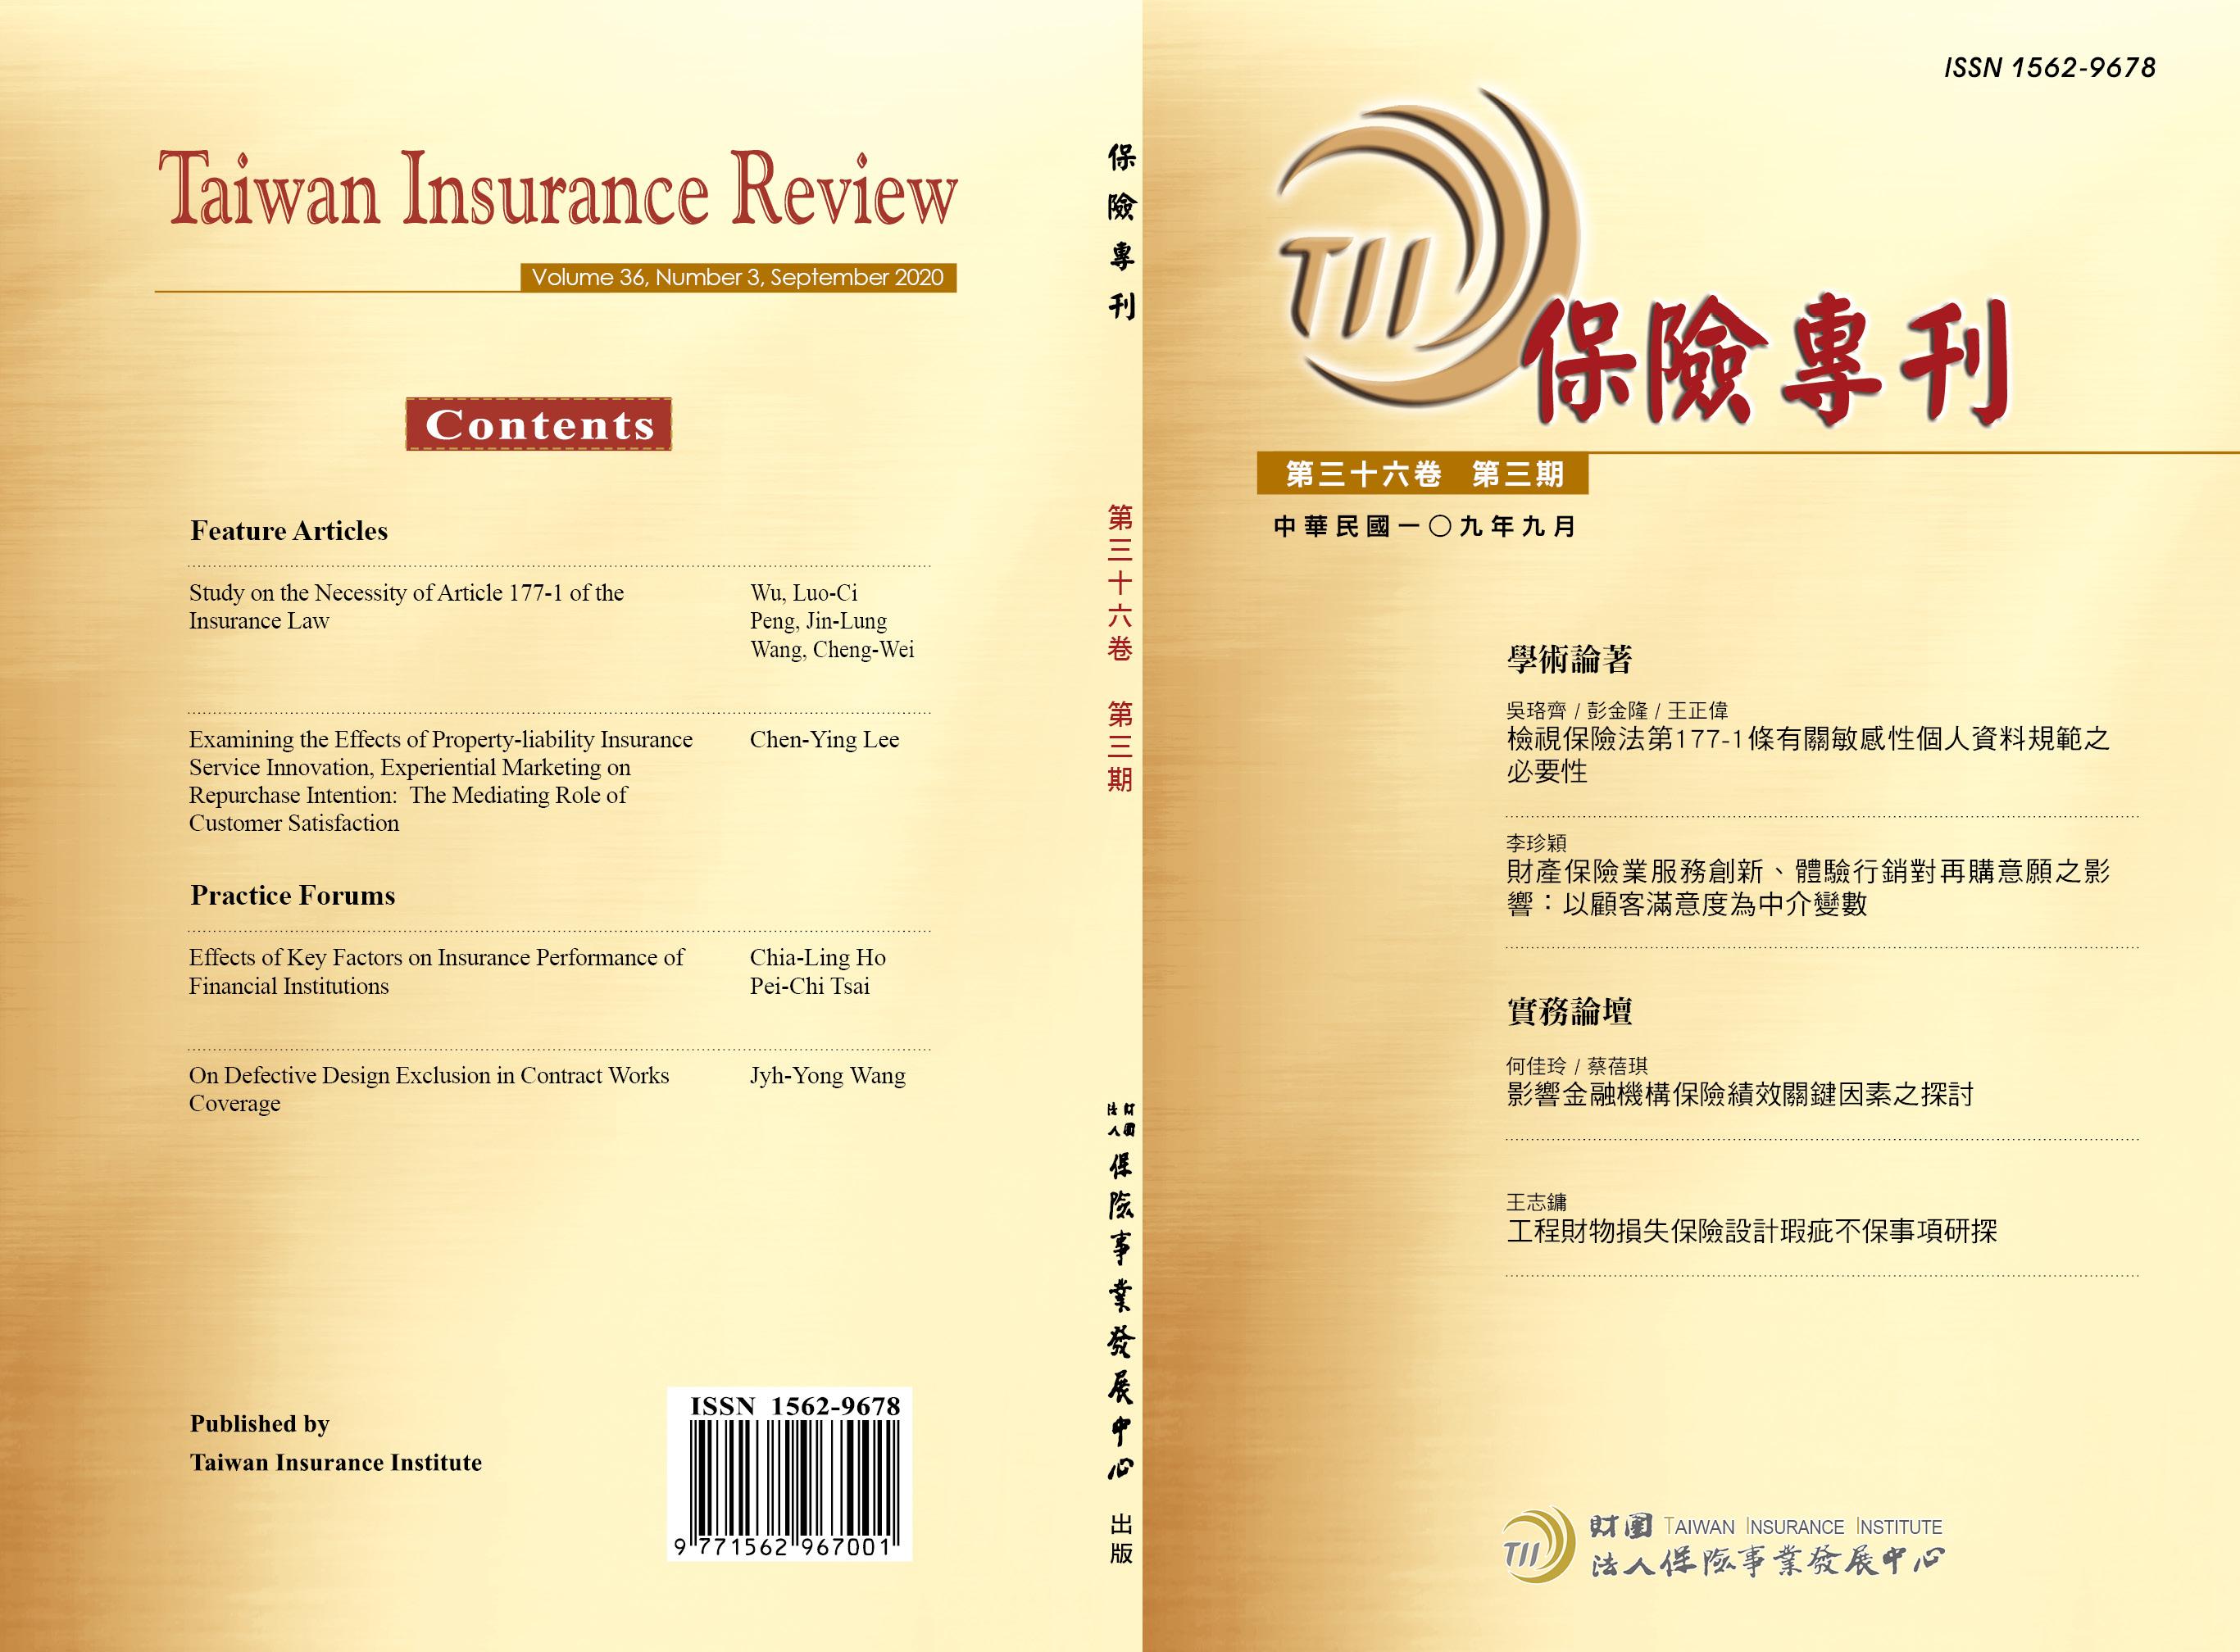 工程財物損失保險設計瑕疵不保事項研探